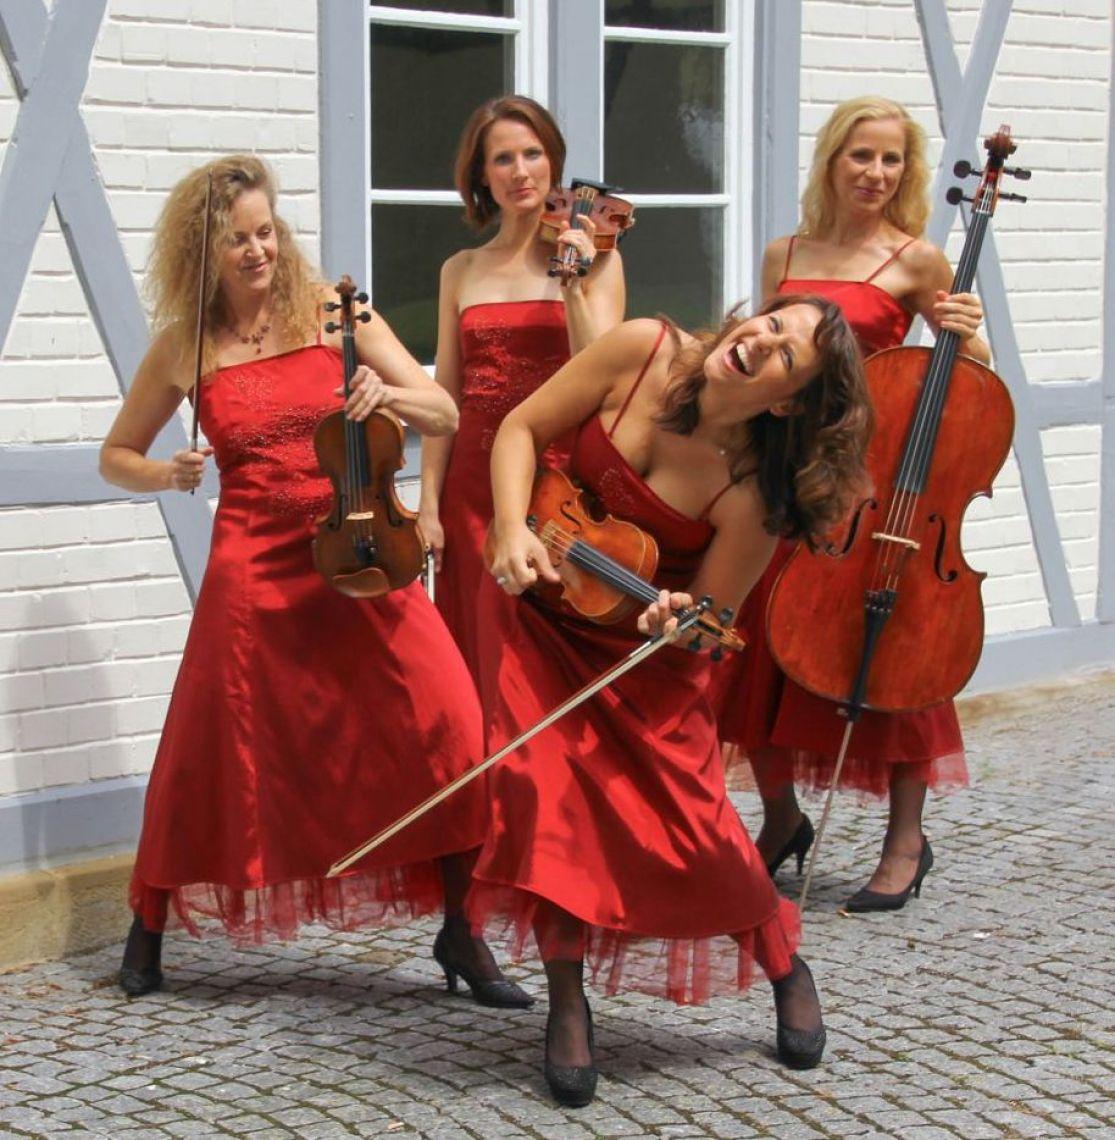 Jazzband Manon & Co als Walkact Hier können Sie Stuttgarter Musiker buchen! Die Frauenband bietet musikalisches Entertainement deluxe